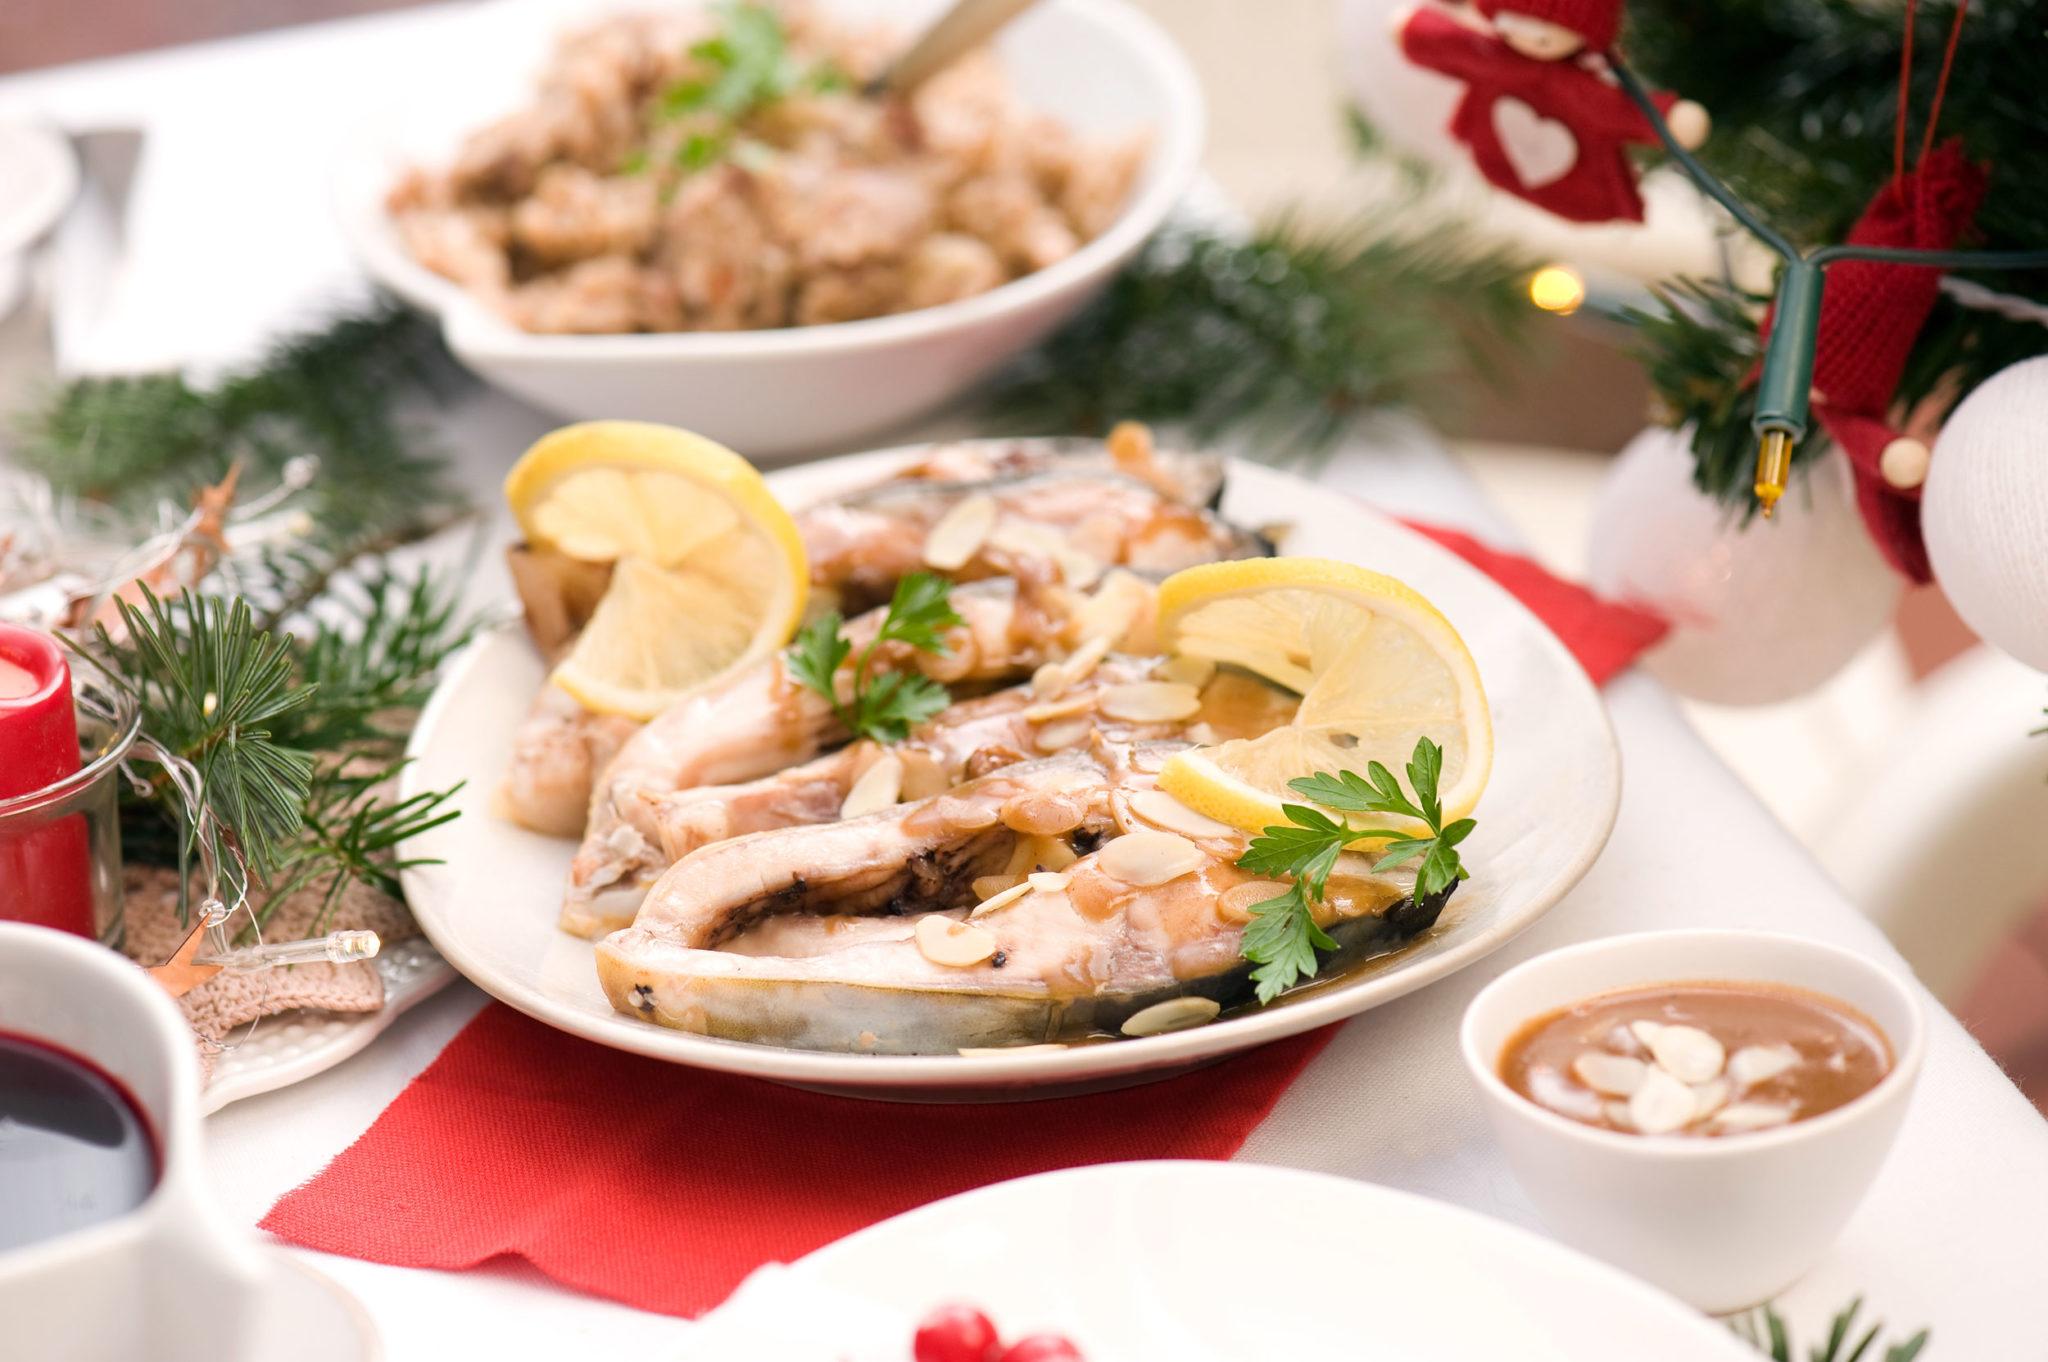 Świąteczny obiad – zaskocz gości ciekawym menu